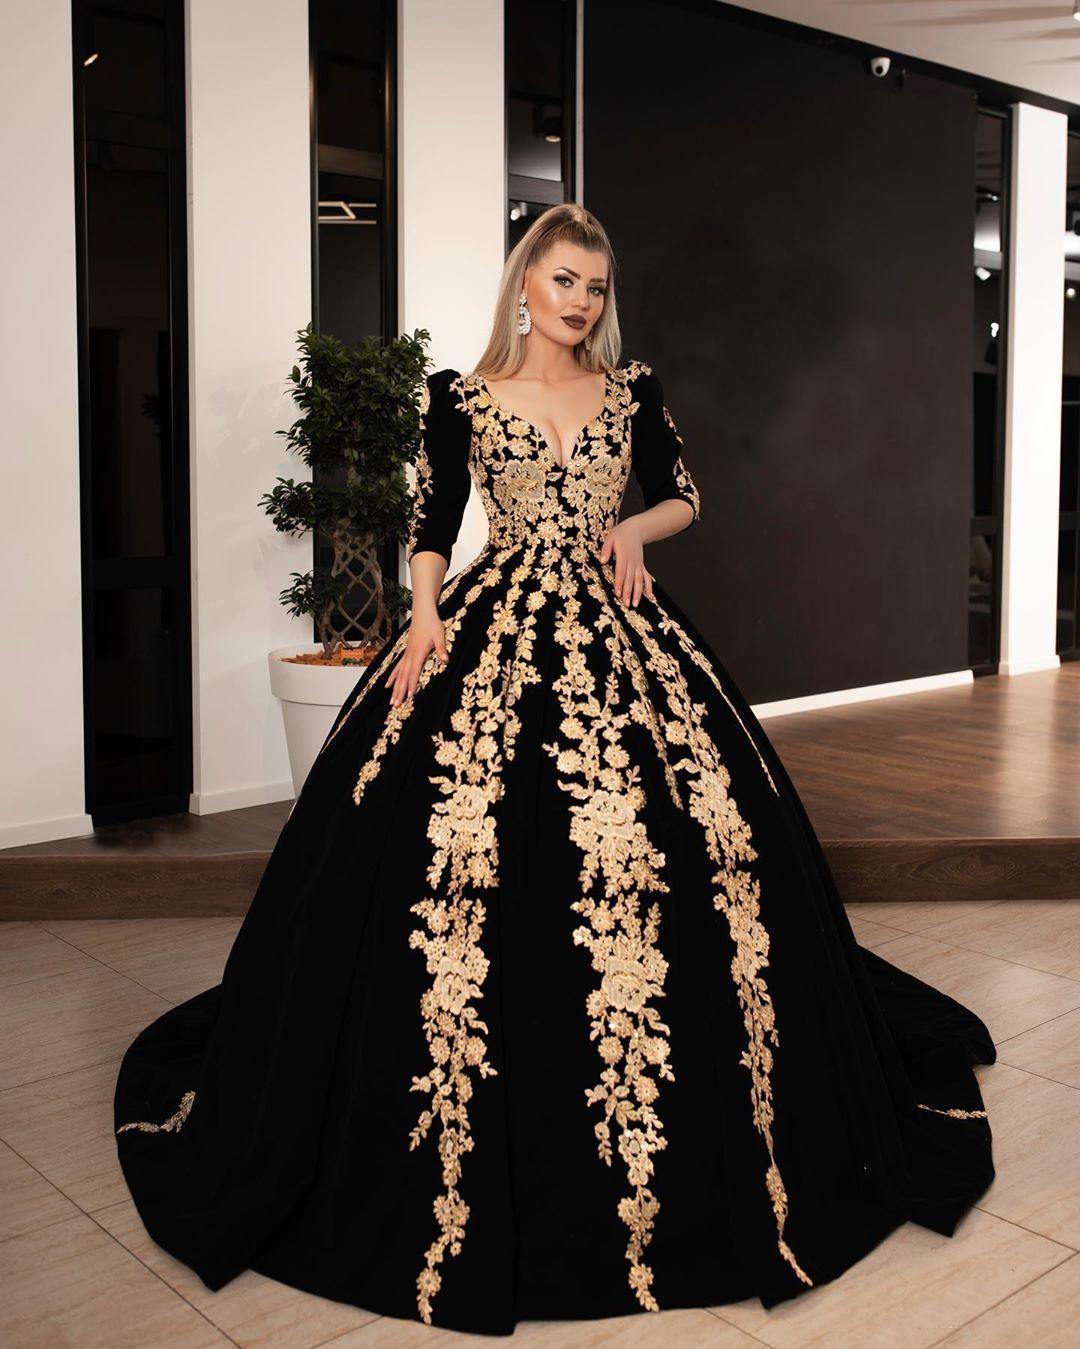 Elegante 2020 Abito di sfera Prom Dresses Oro Appliqued merletto Dubai arabo collo della celebrità V mezze maniche degli abiti di sera abito Quinceanera formale